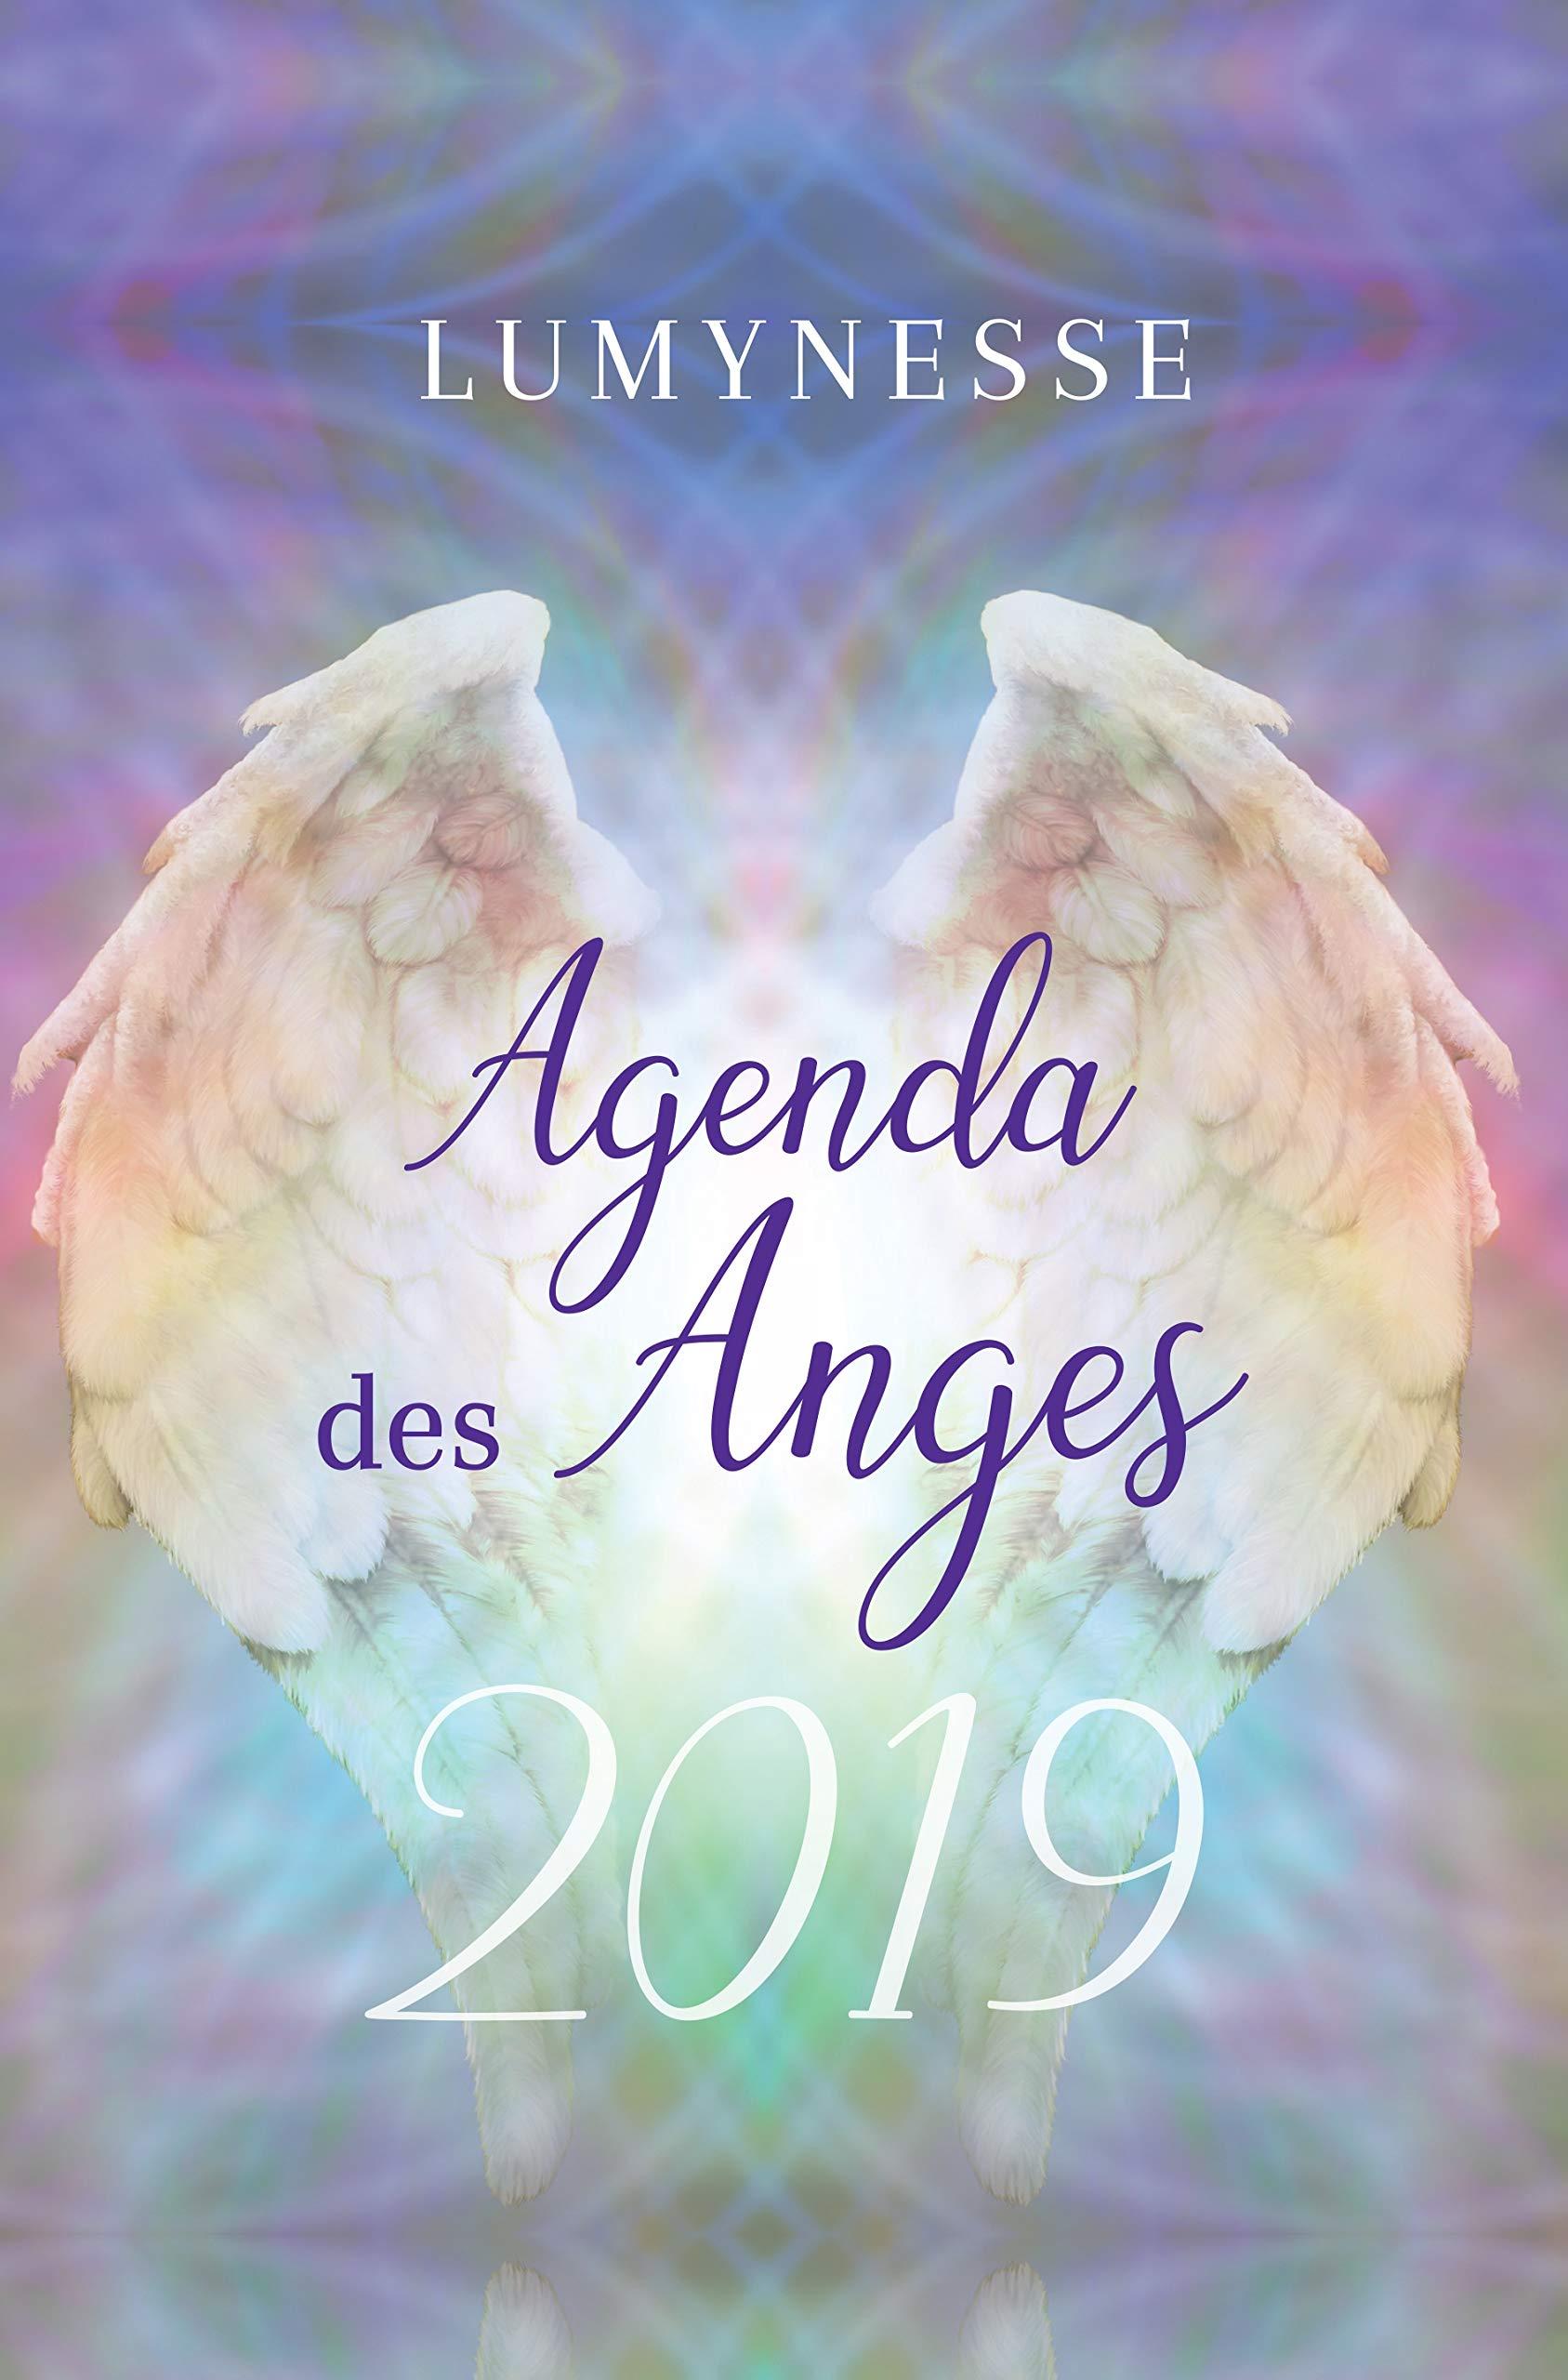 Agenda des anges 2019 Broché – 25 septembre 2018 Lumynesse EXERGUE 2361882566 Agendas